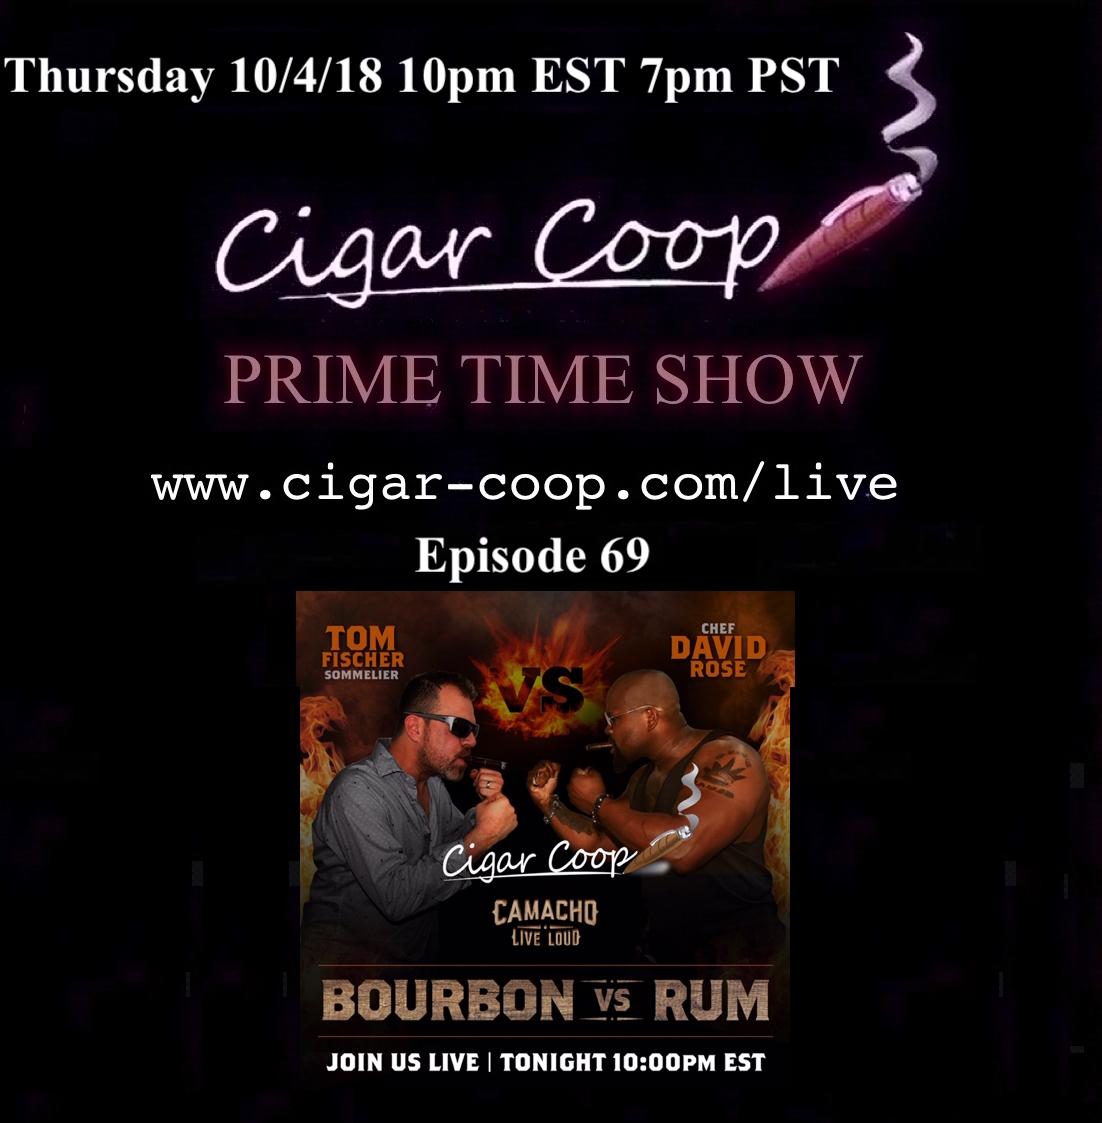 Announcement: Prime Time Show Episode 69 – The Camacho Show 10/4 10pm EST 7pm PST